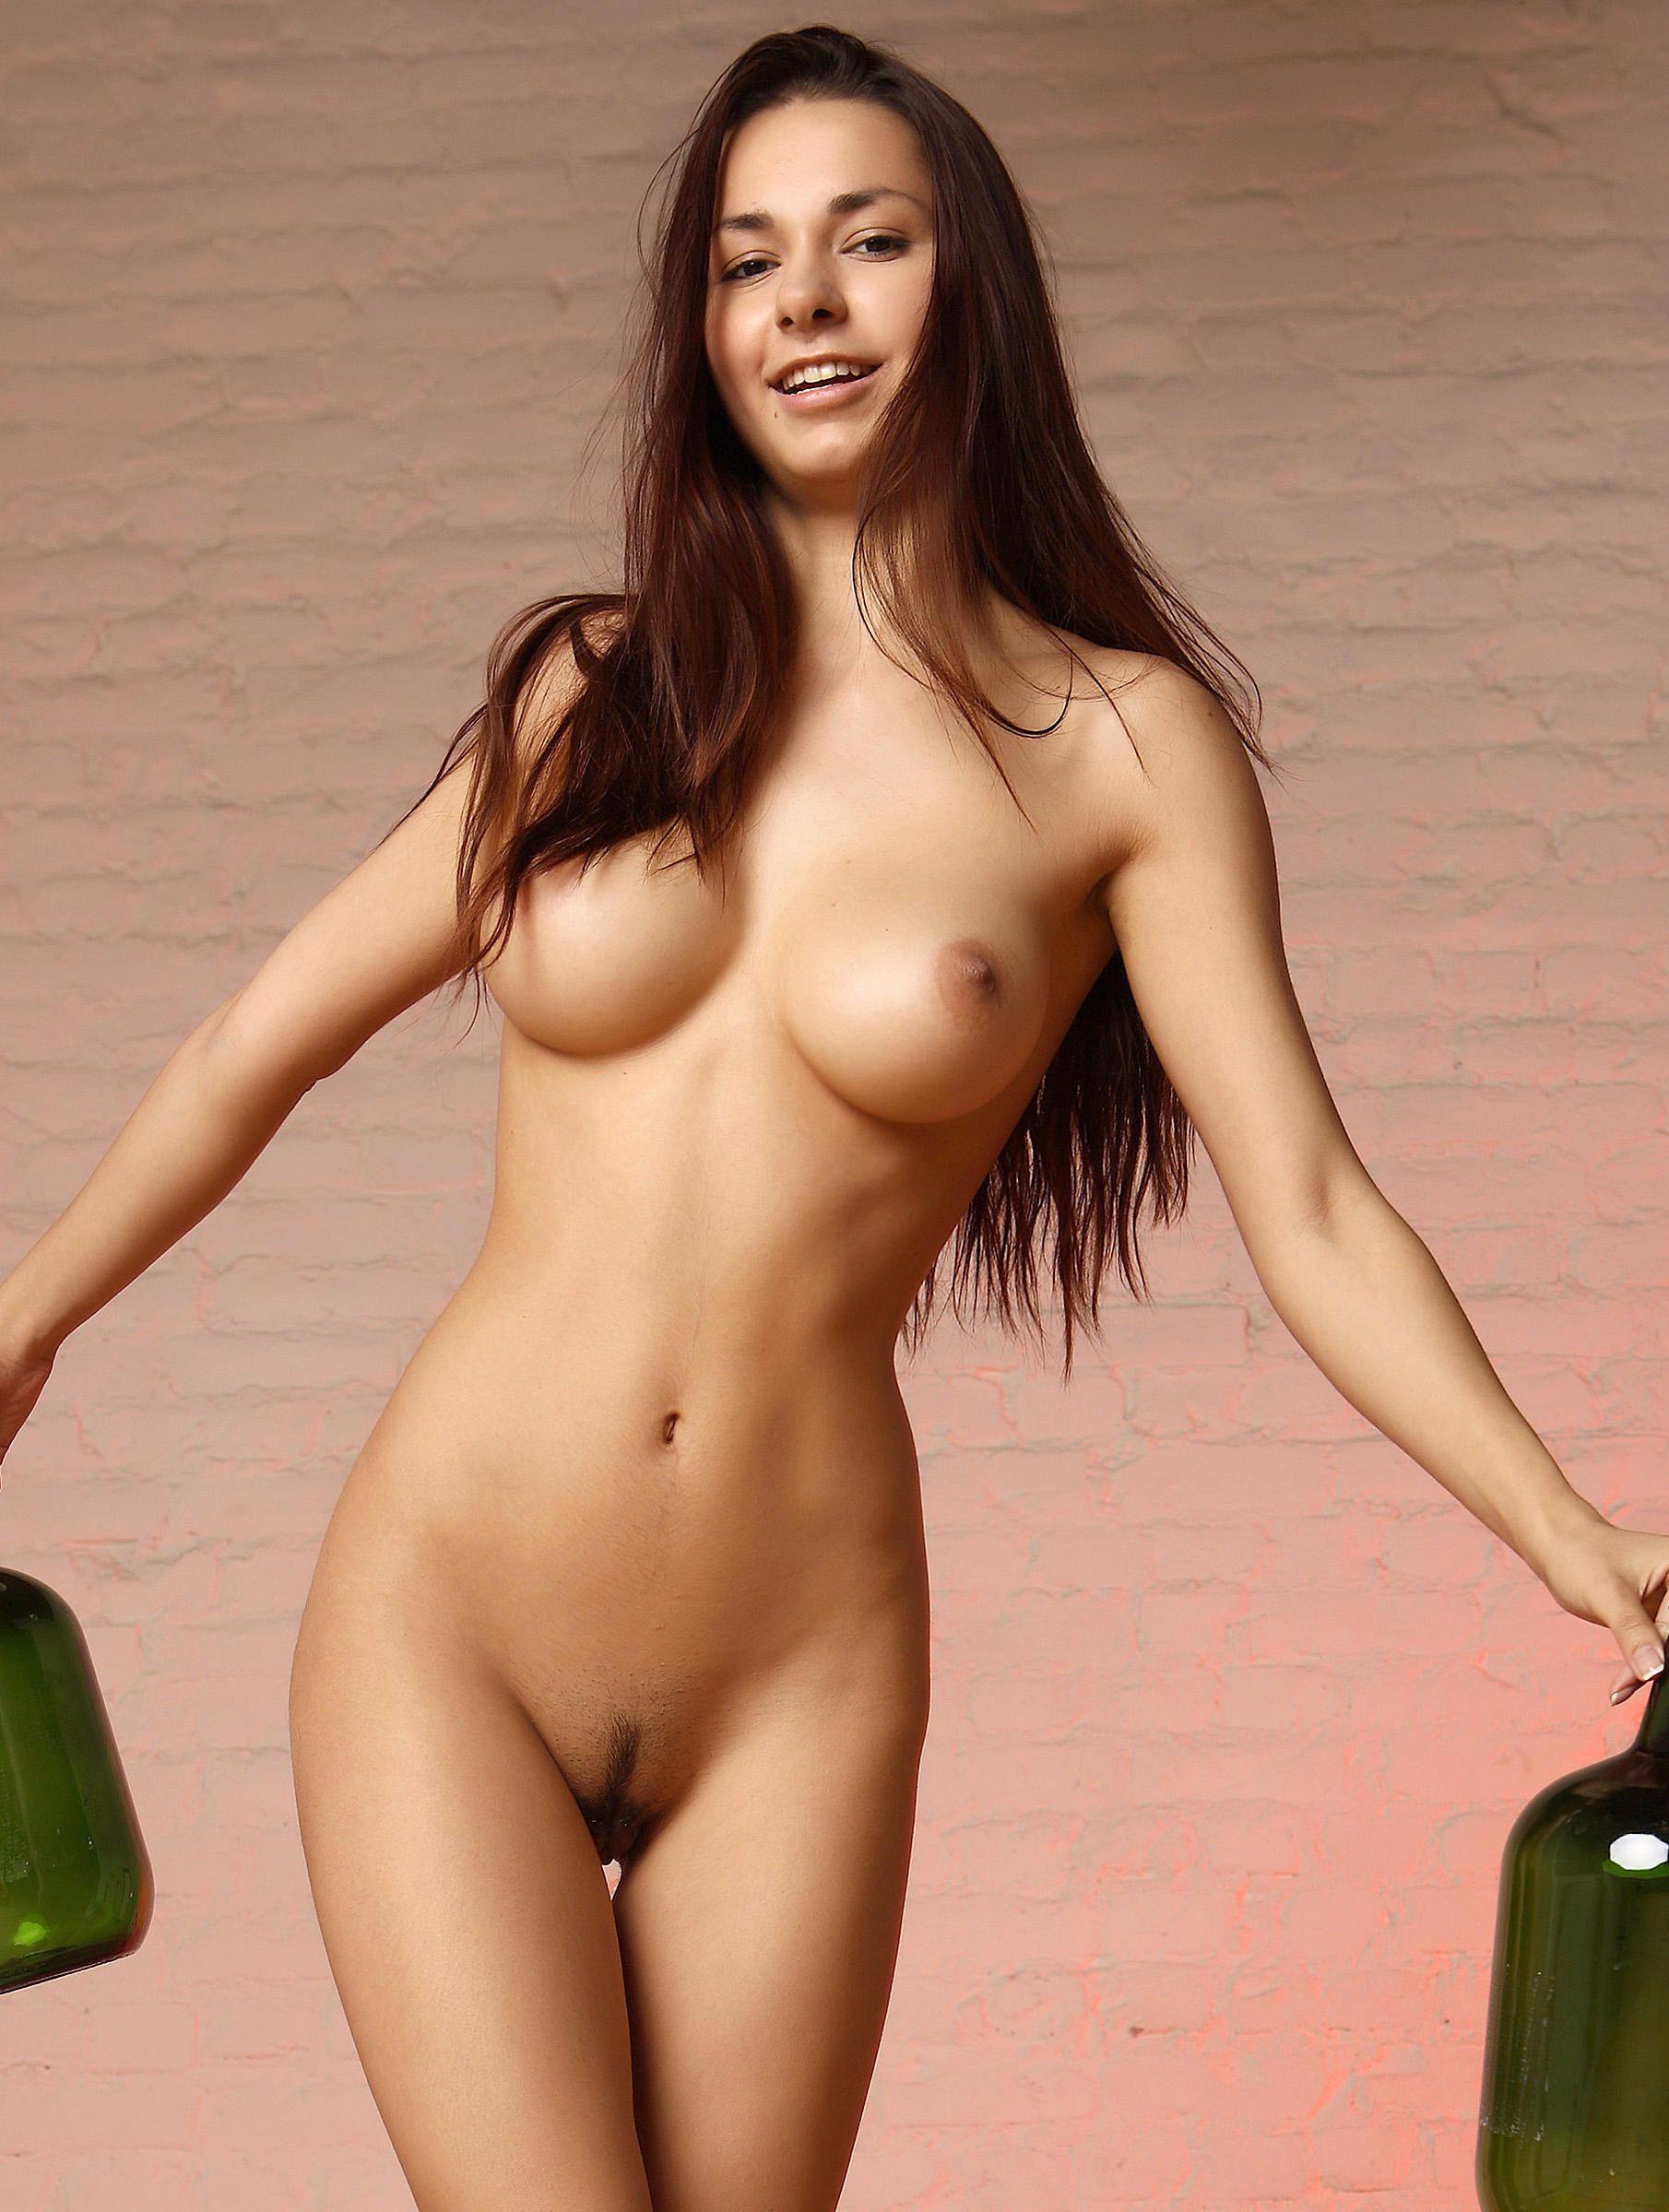 porn Viviana star bella